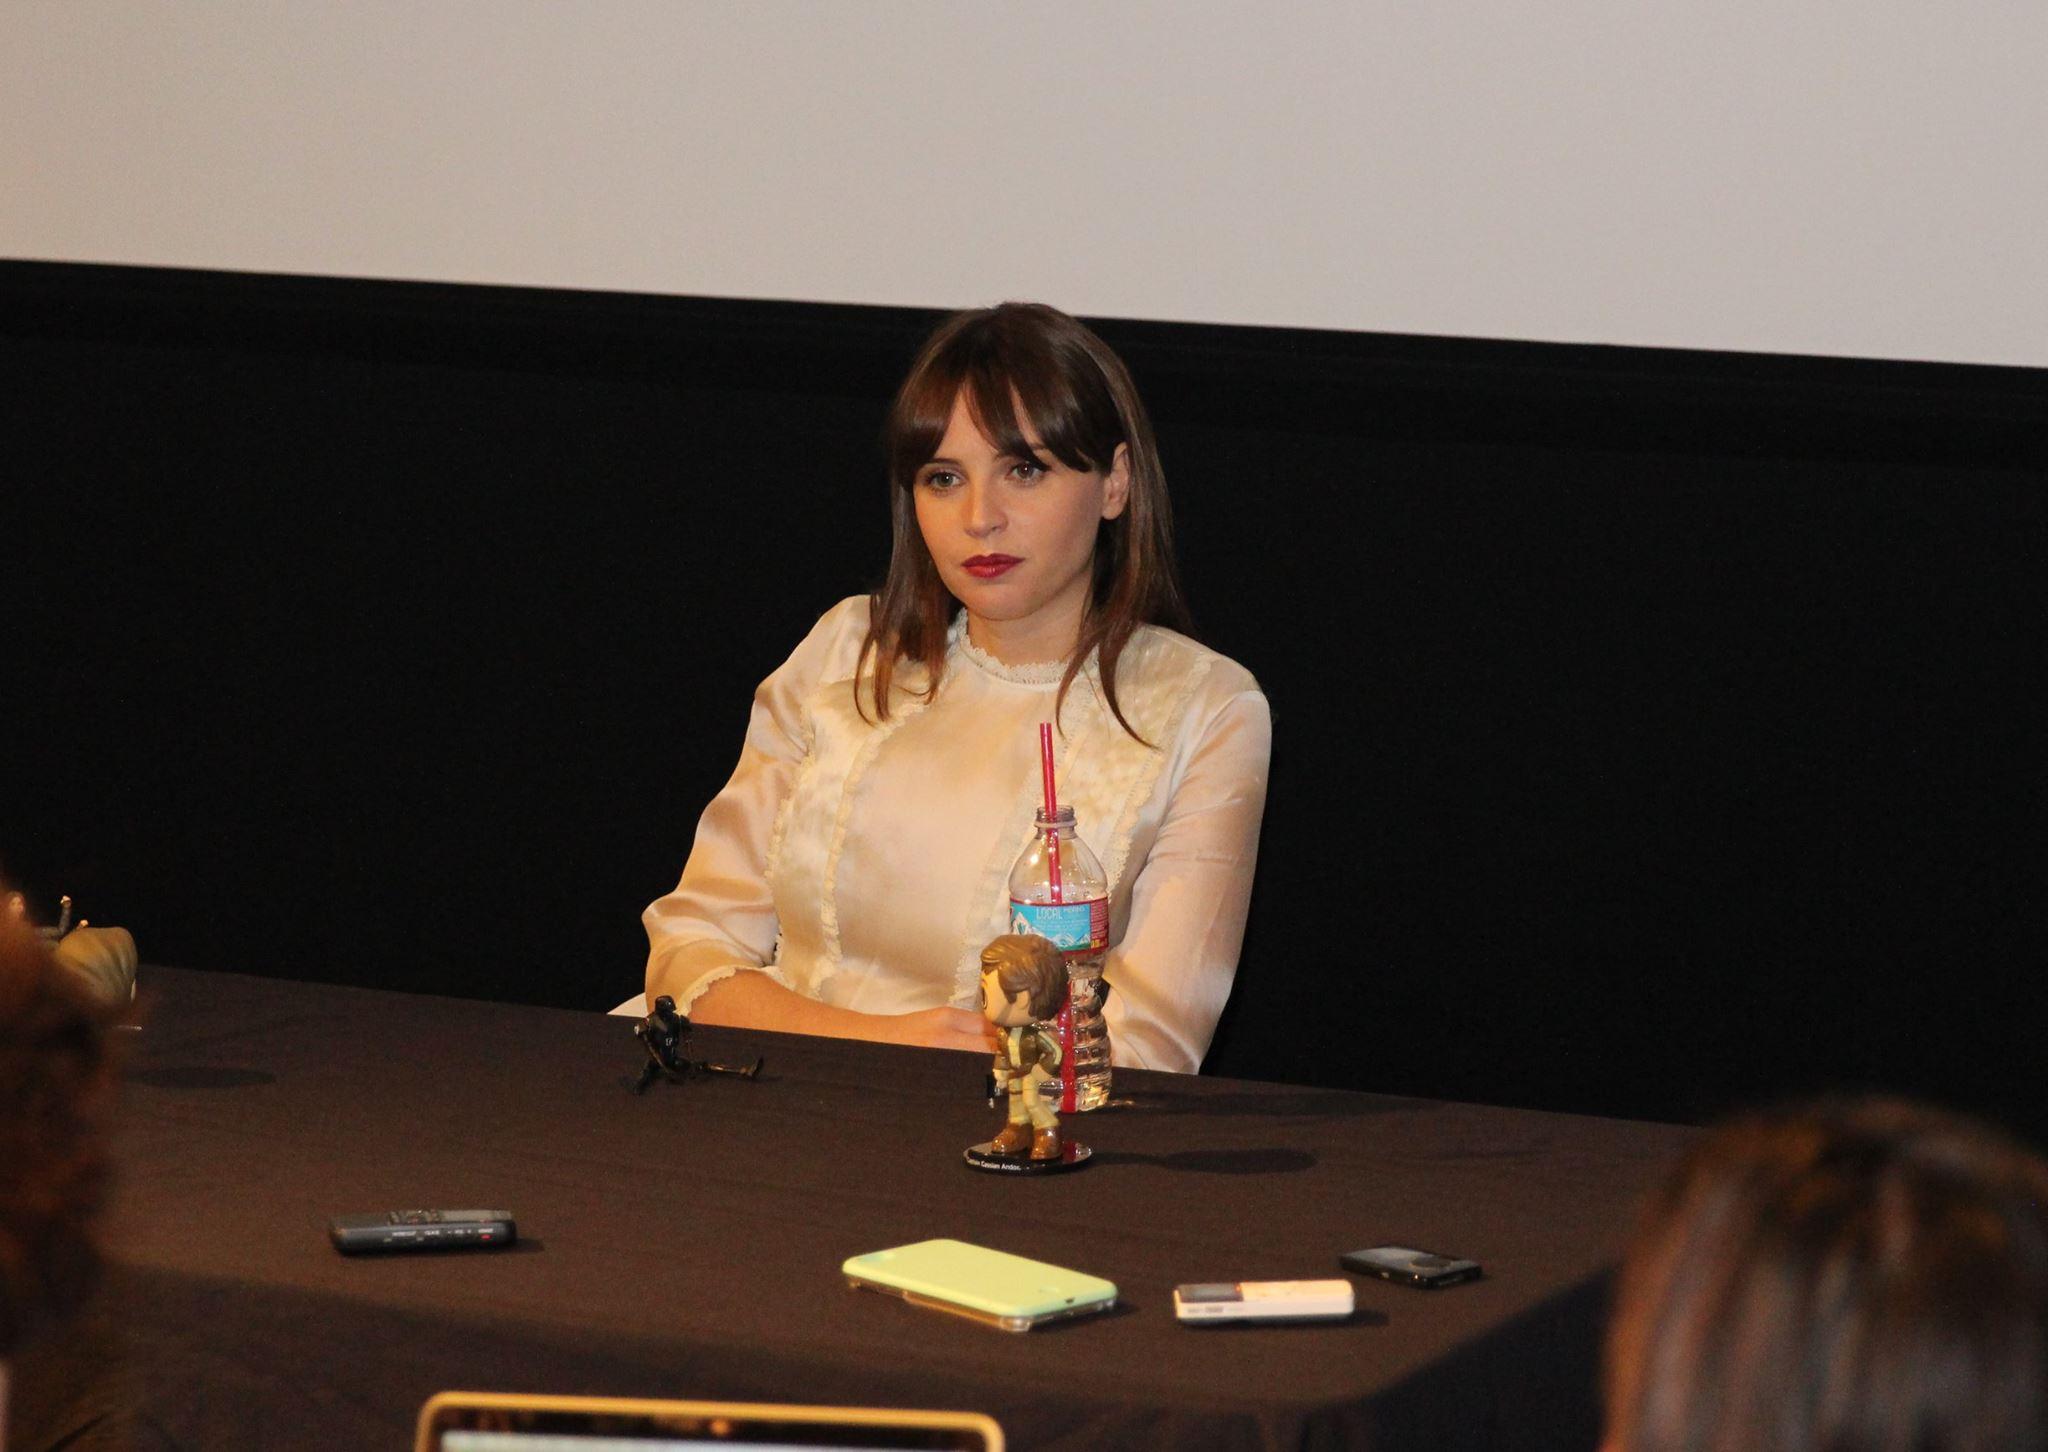 Exclusive Interview with Felicity Jones